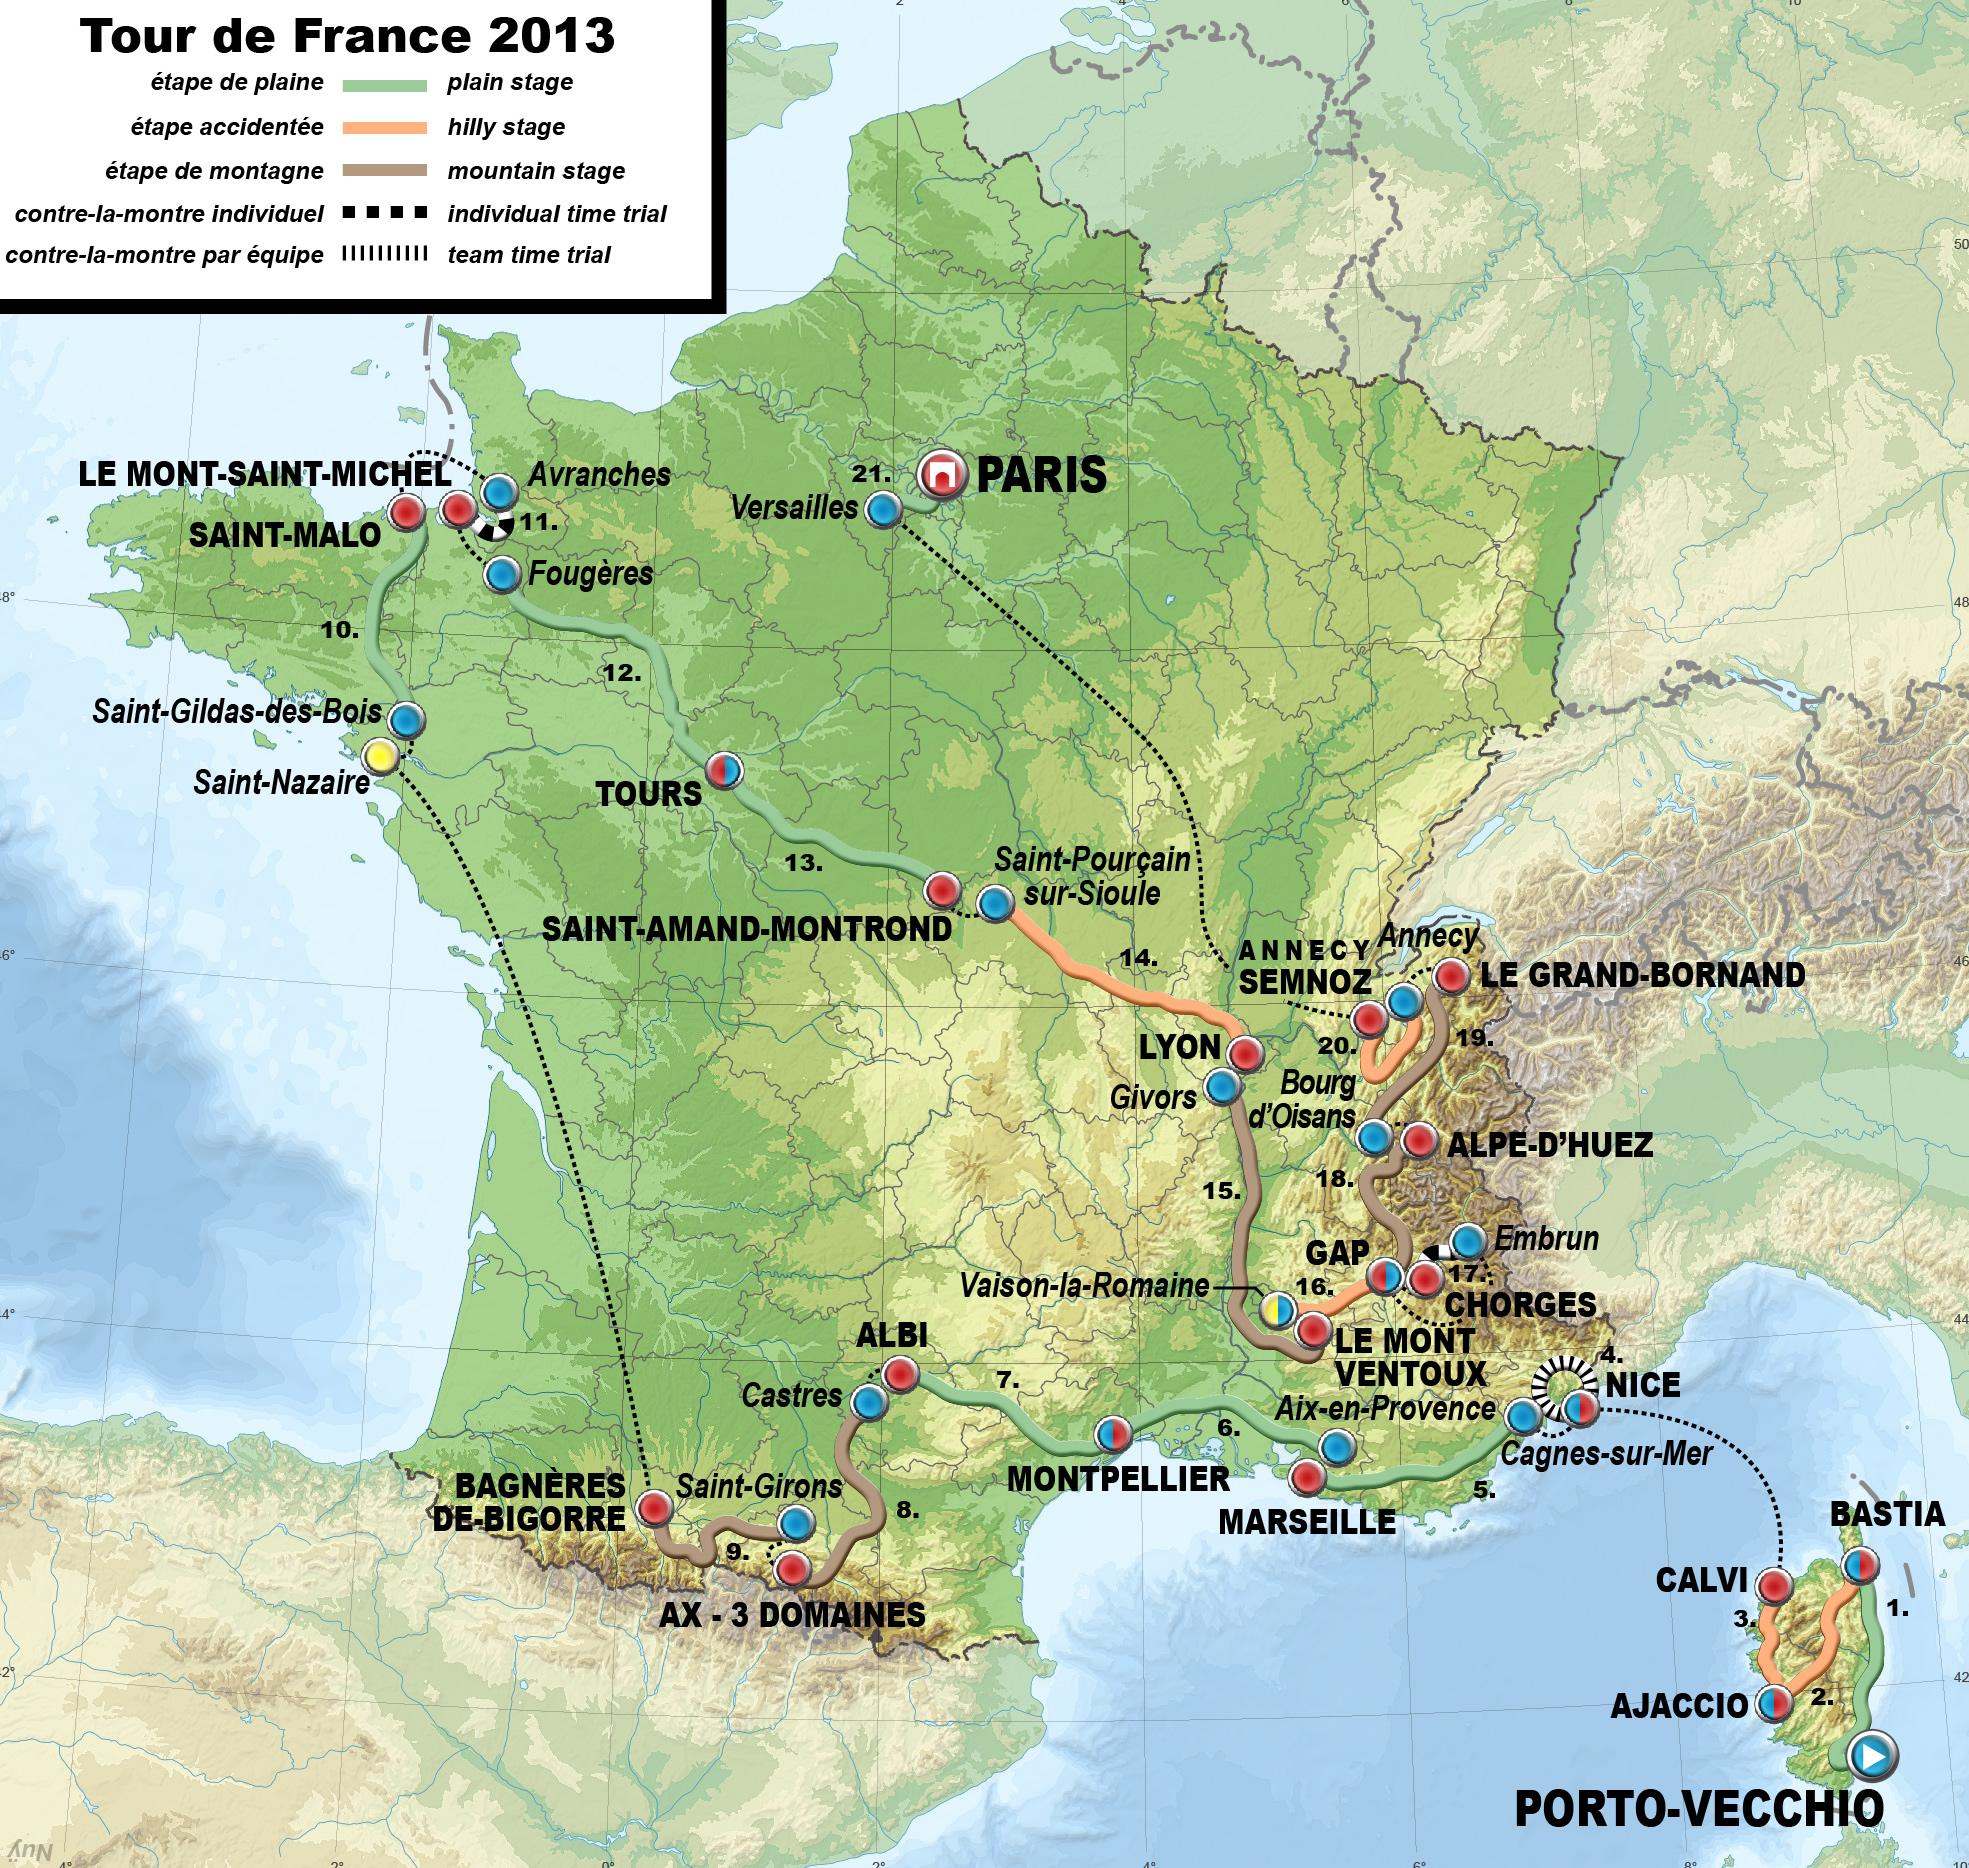 Description 2013 tour de france map